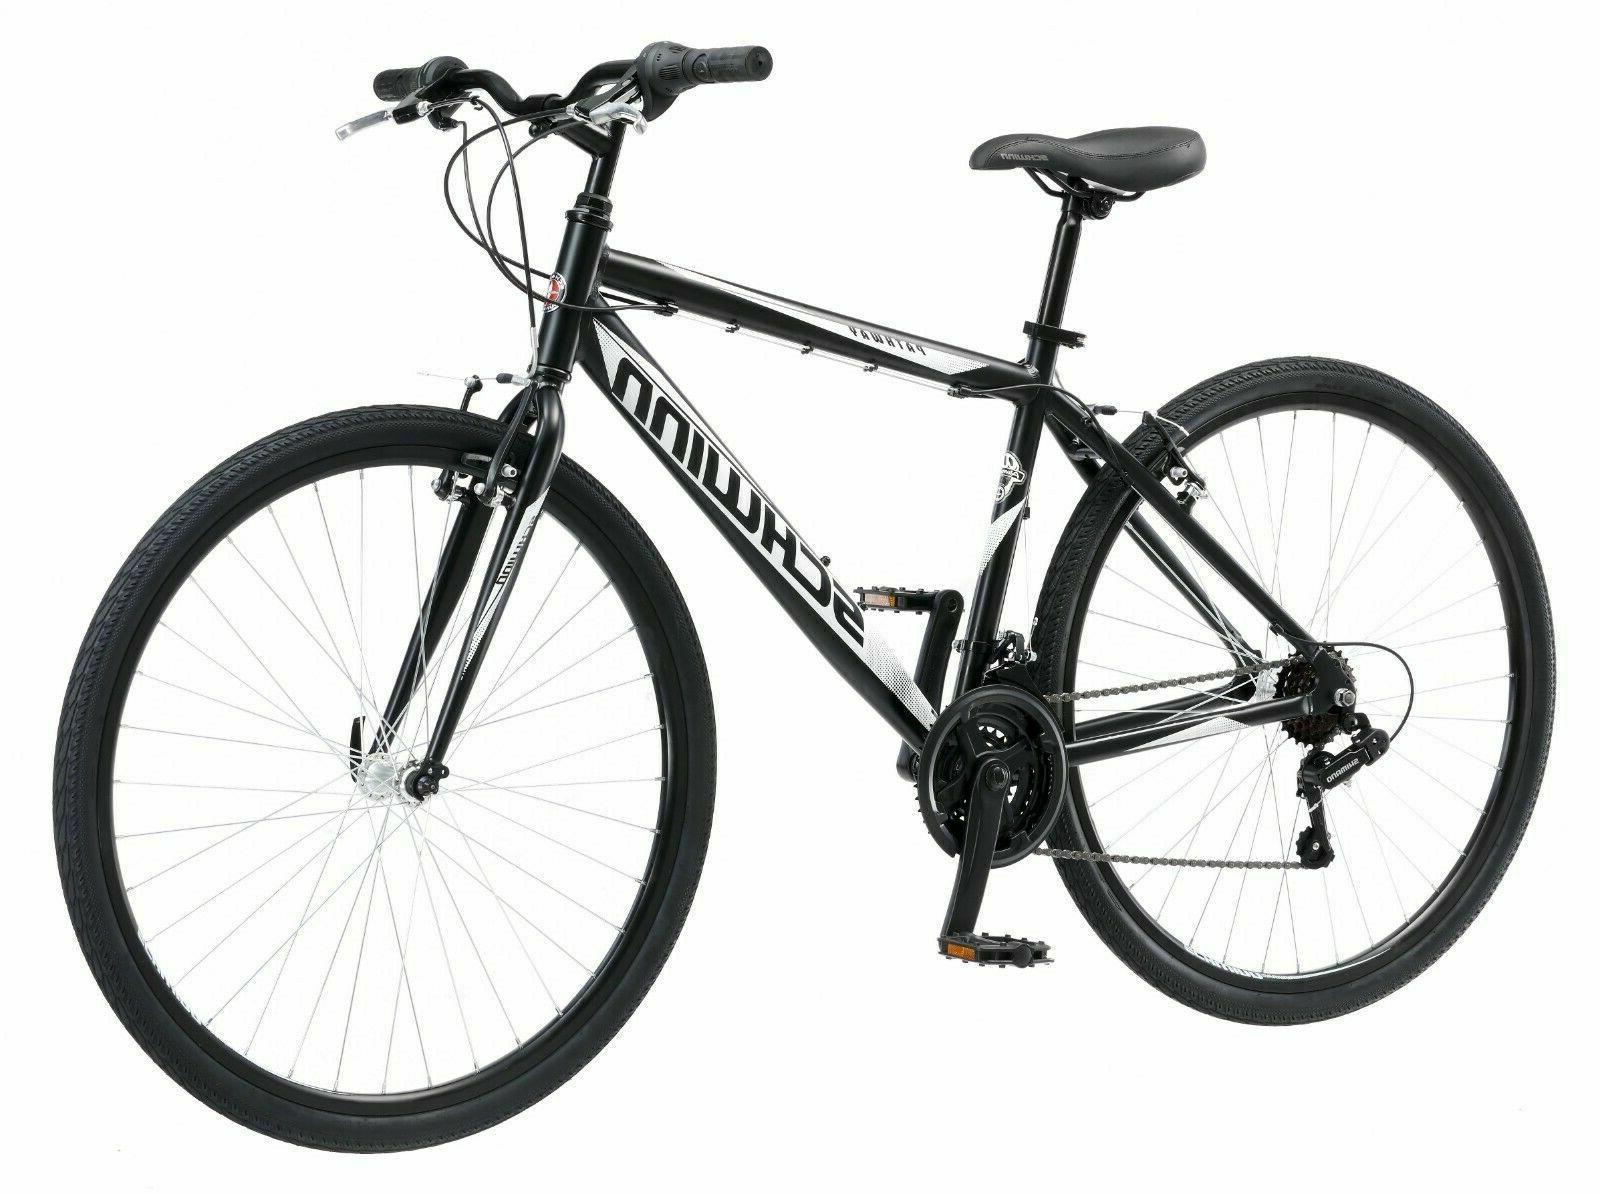 Schwinn Bike 18 Speed 700C Wheels Hybrid Road